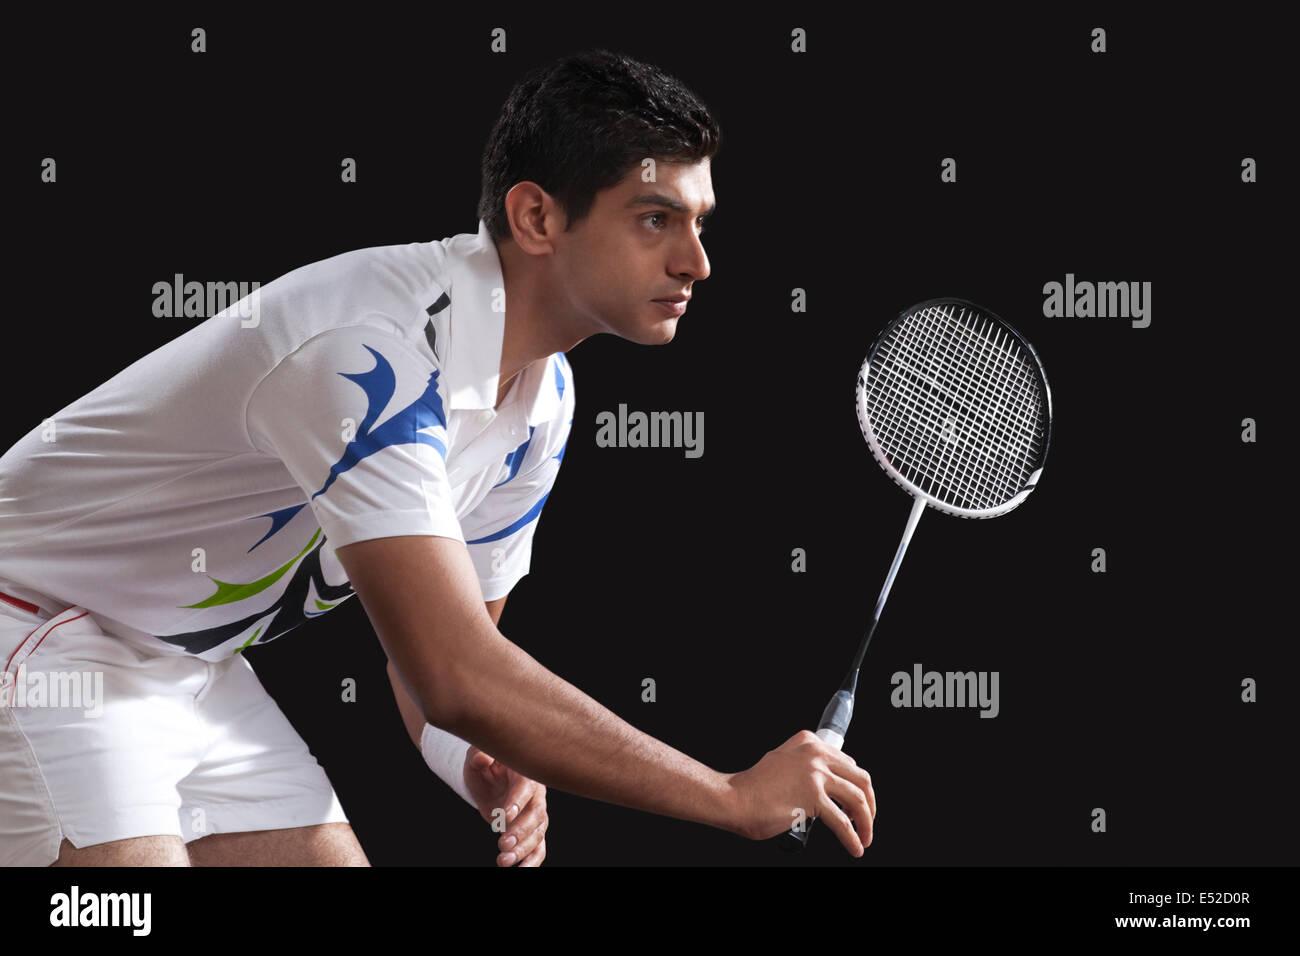 Macho joven jugador con raqueta jugar bádminton aislado sobre fondo negro Imagen De Stock